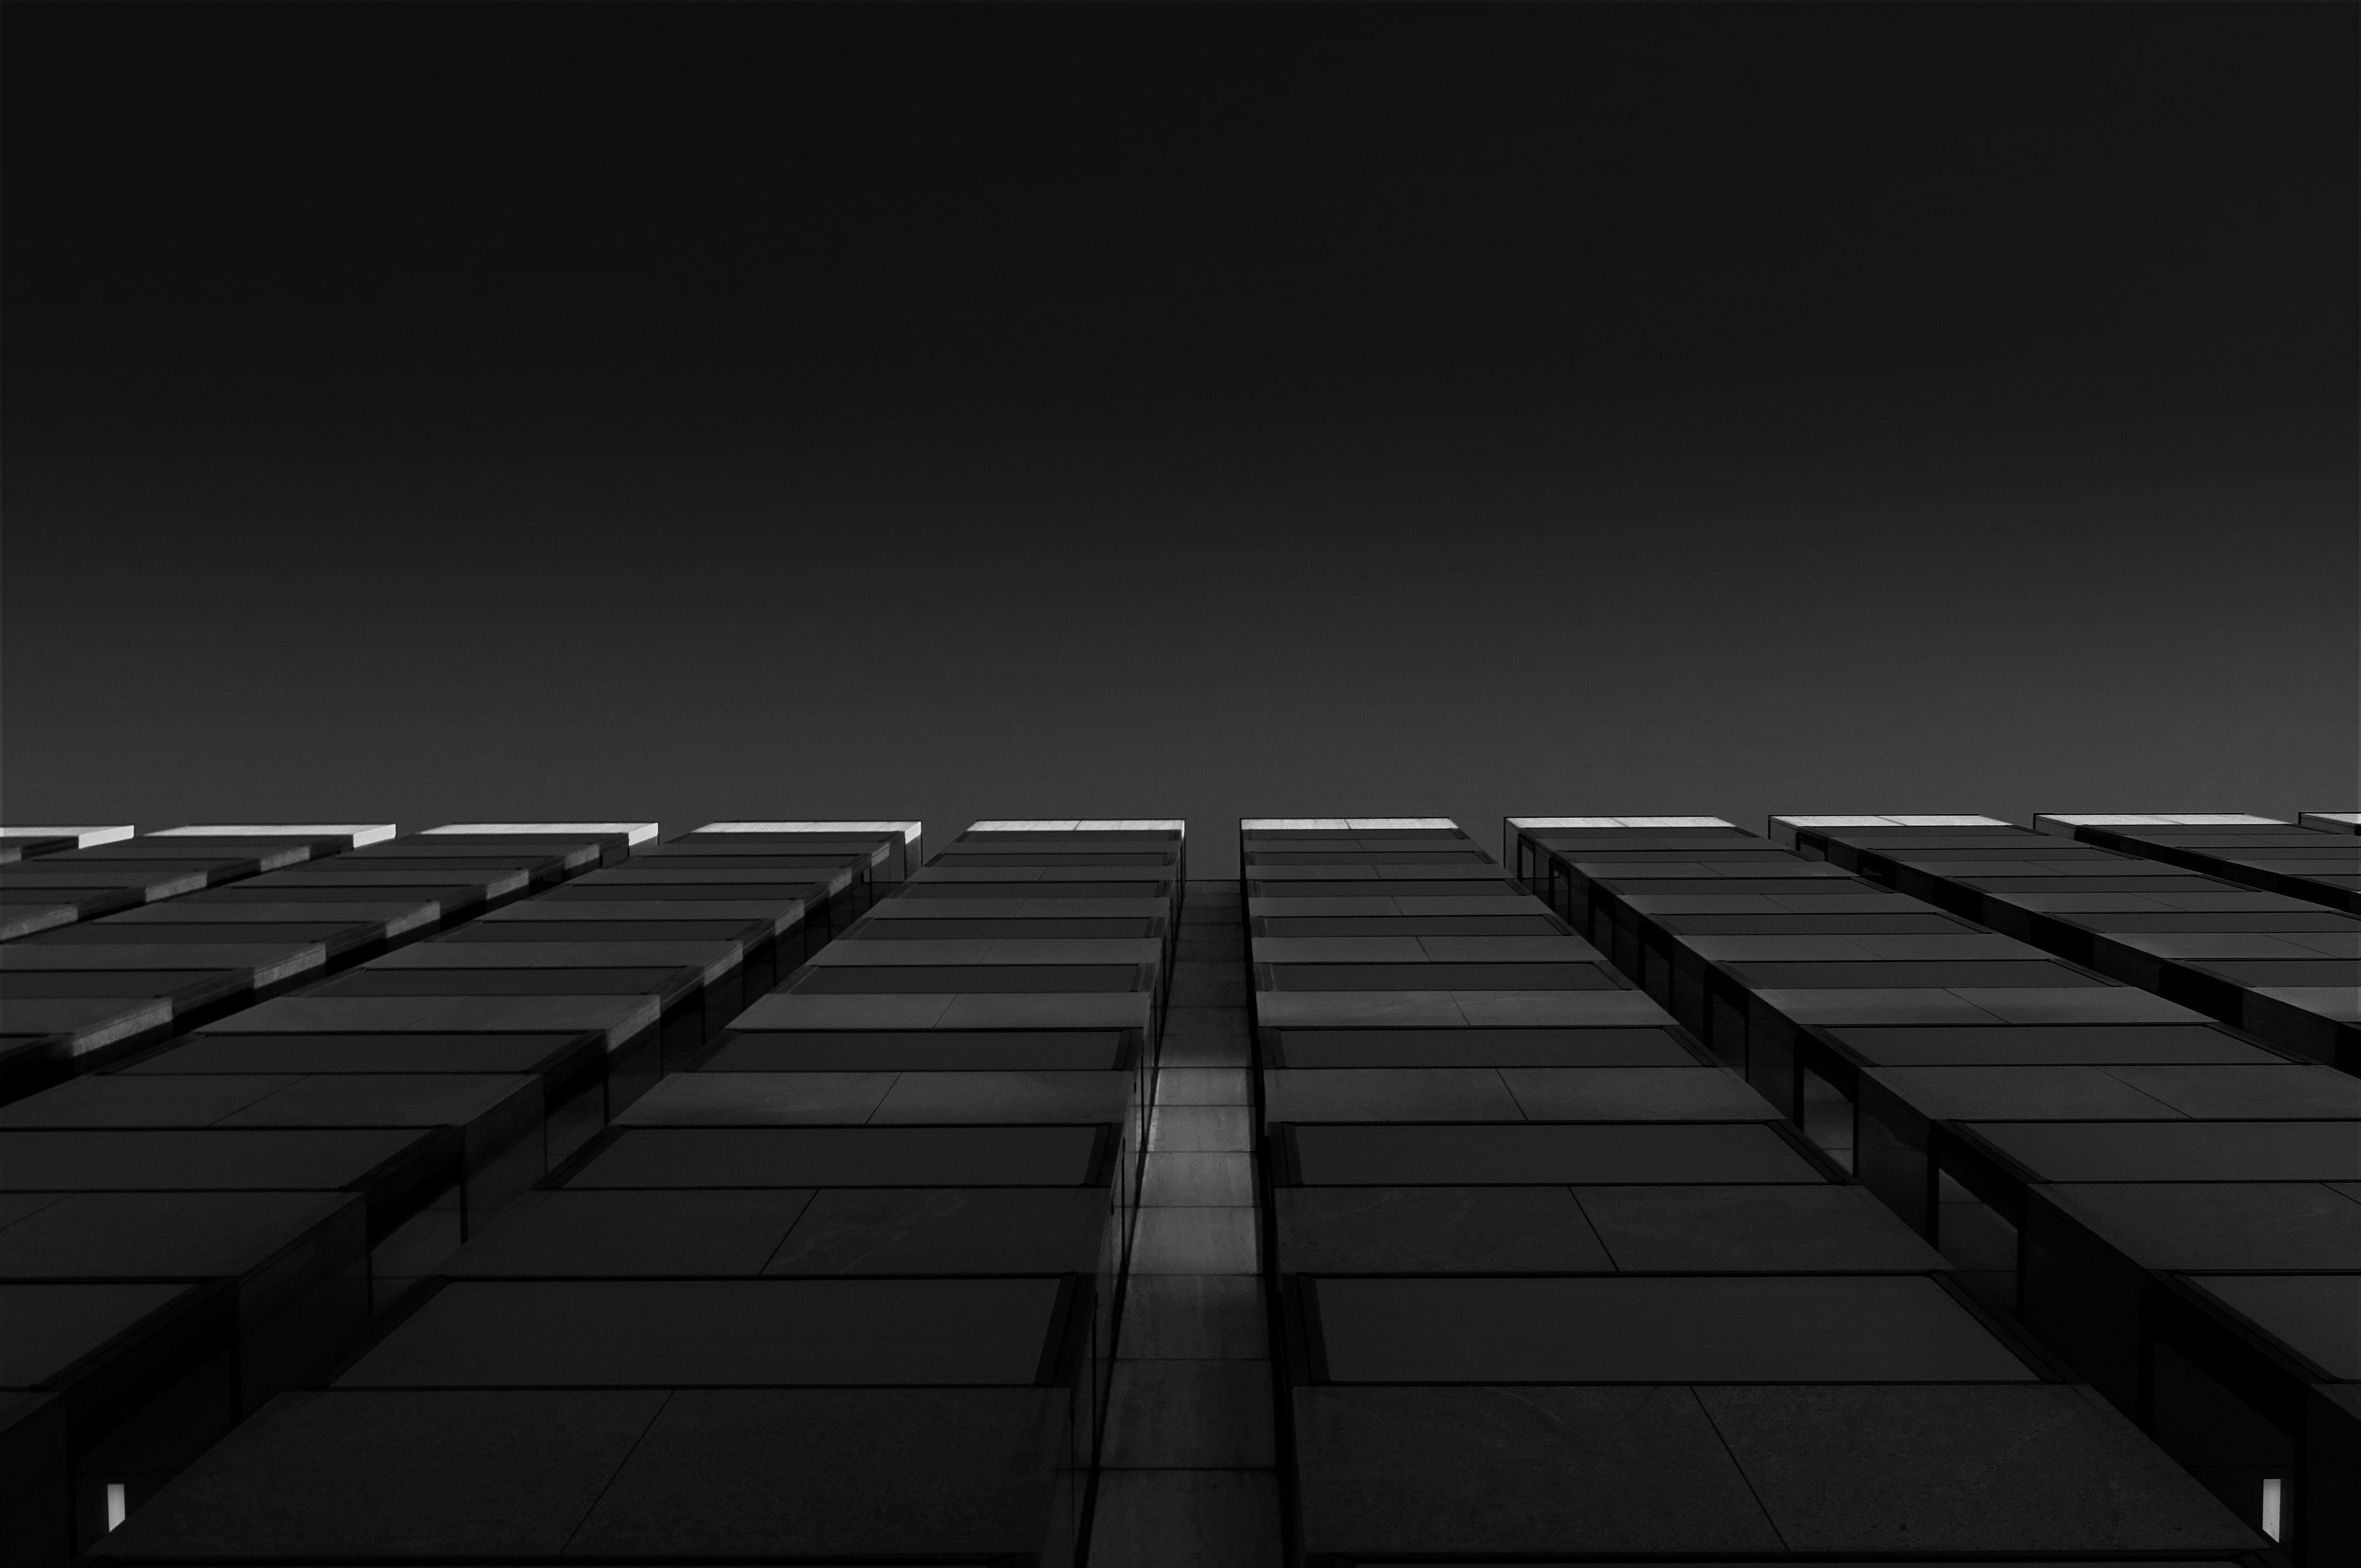 Kostenloses Stock Foto zu architektur, aufnahme von unten, bürogebäude, gebäude außen